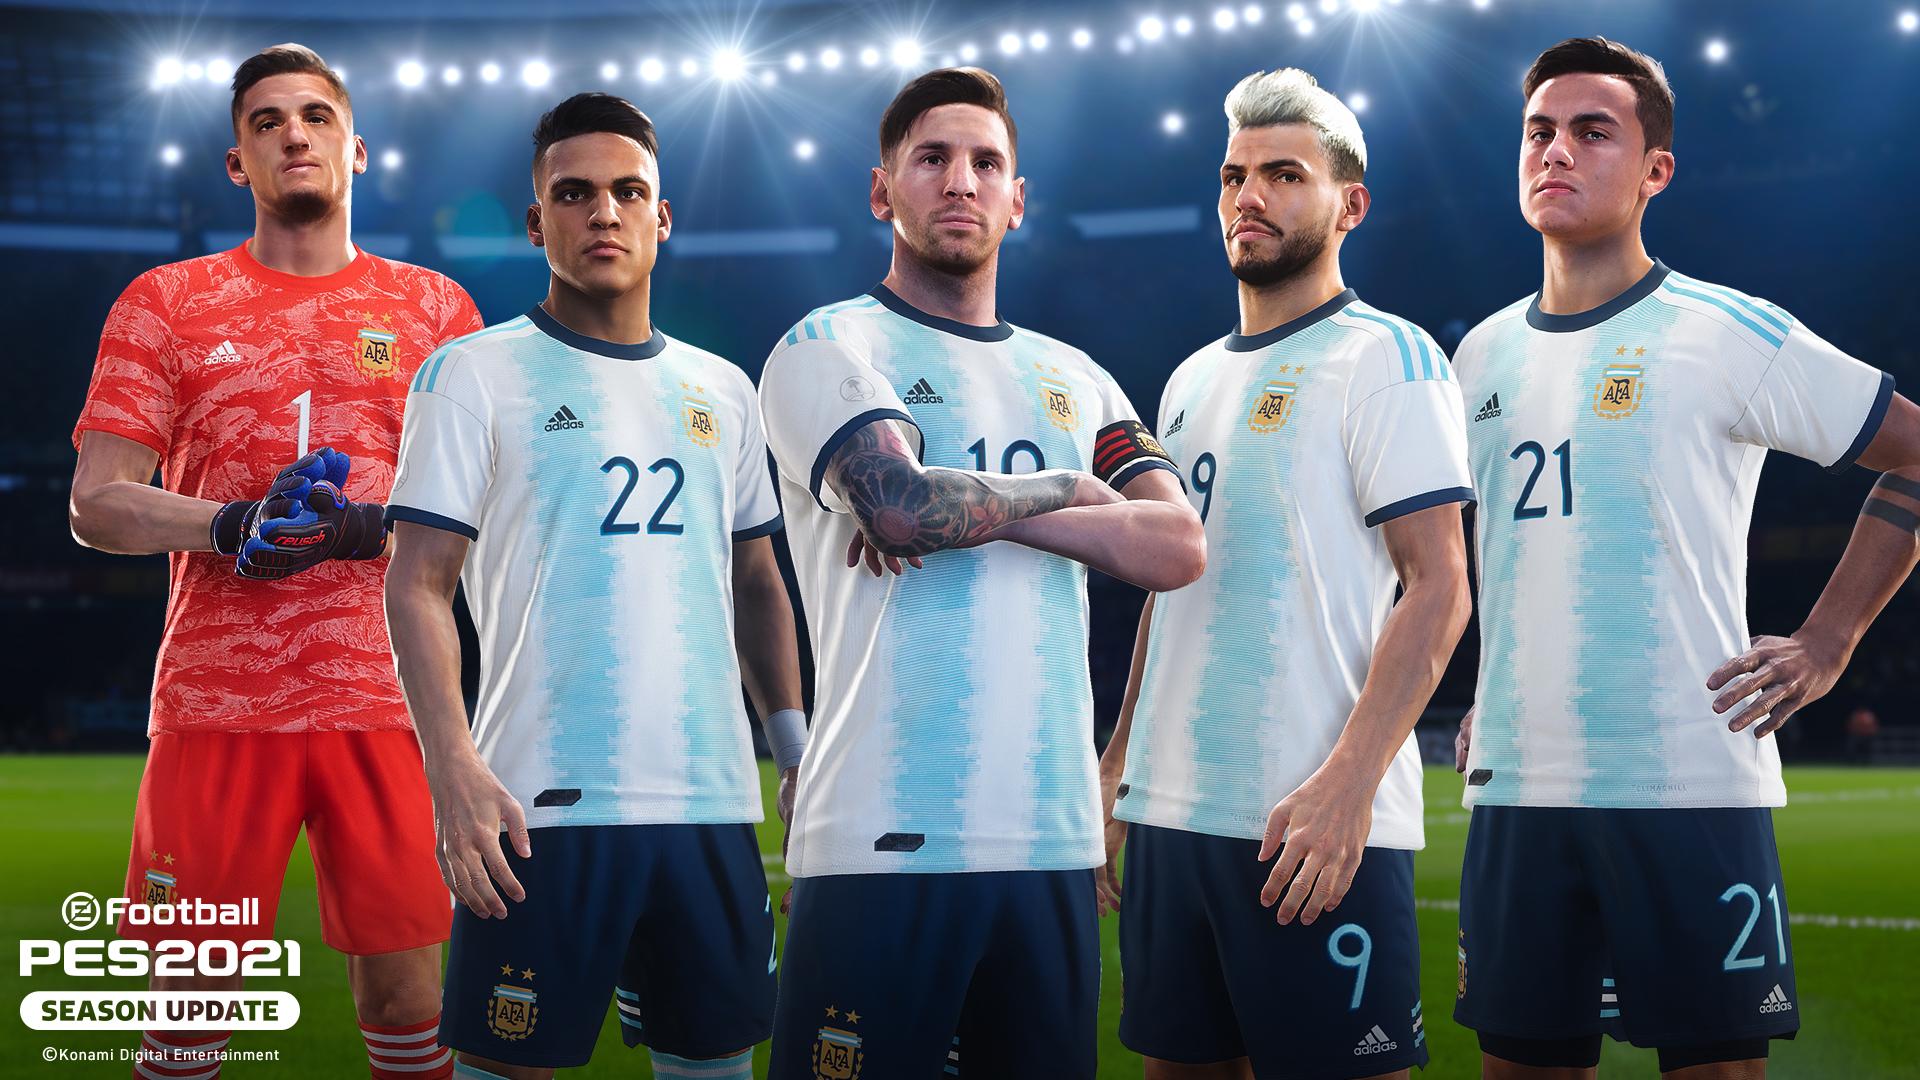 La Selección Argentina tiene nuevo sponsor: Konami y AFA sellan una alianza estratégica